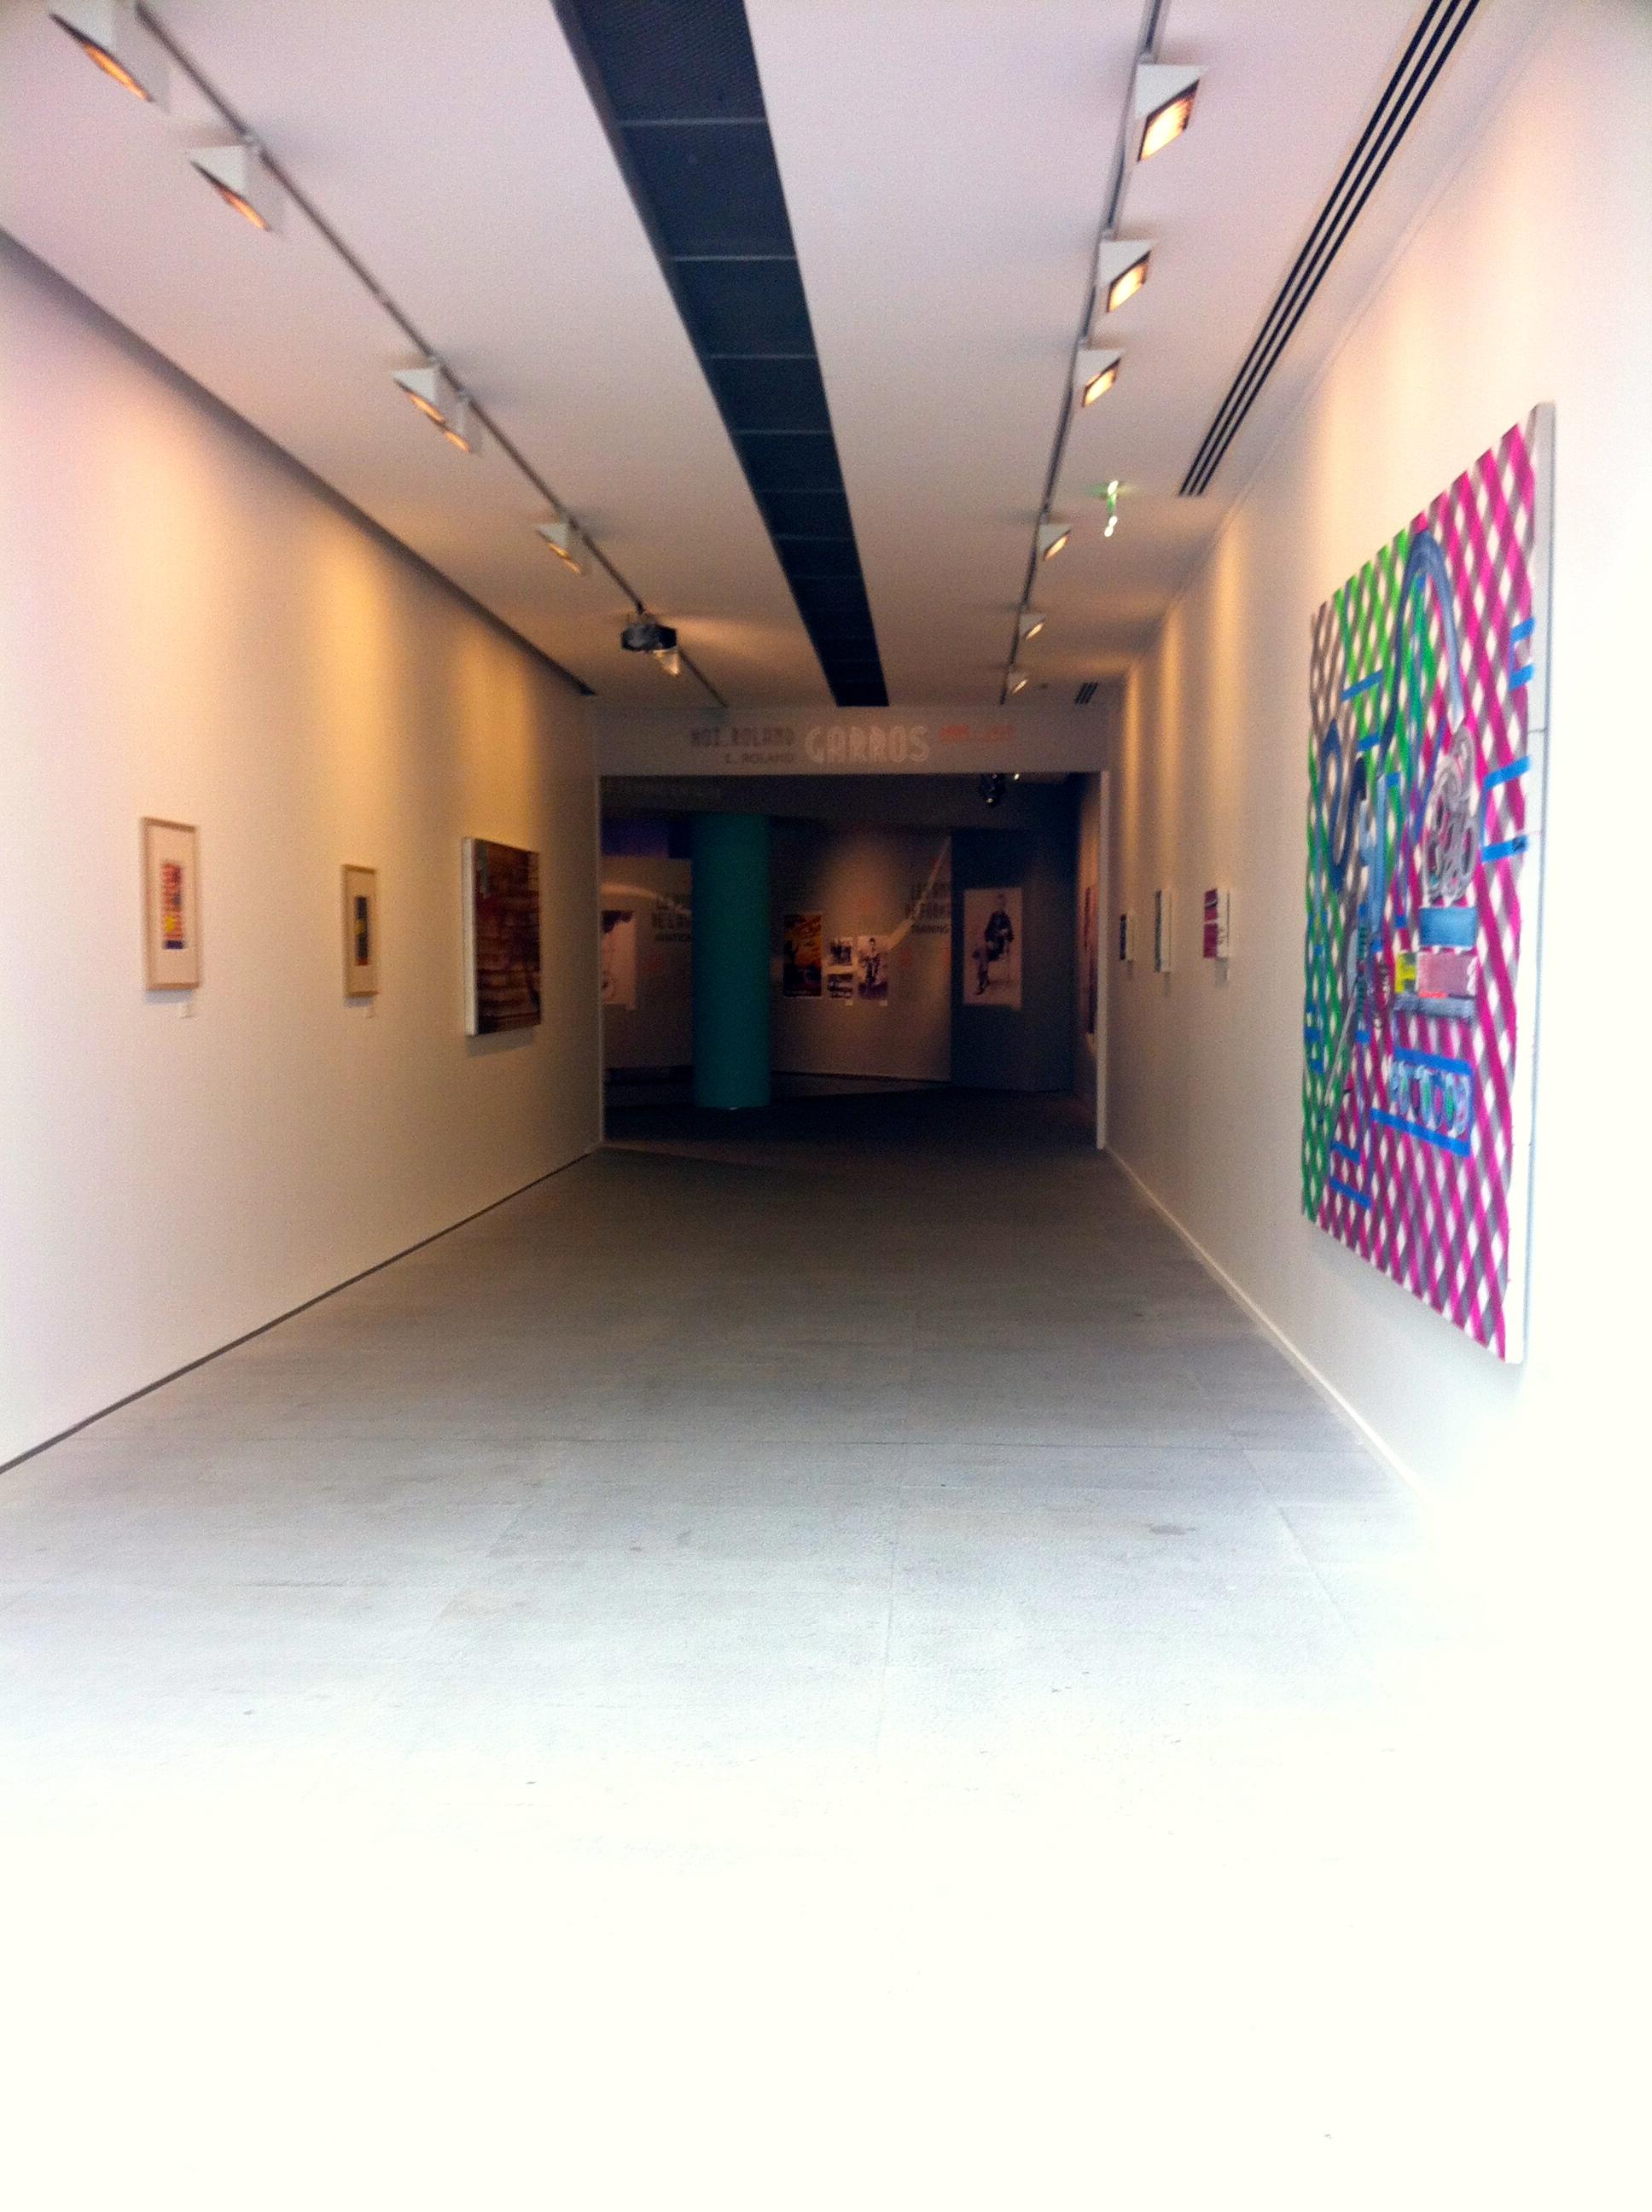 Galerie consacrée à l'univers du peintre espagnol Juan Uslé.